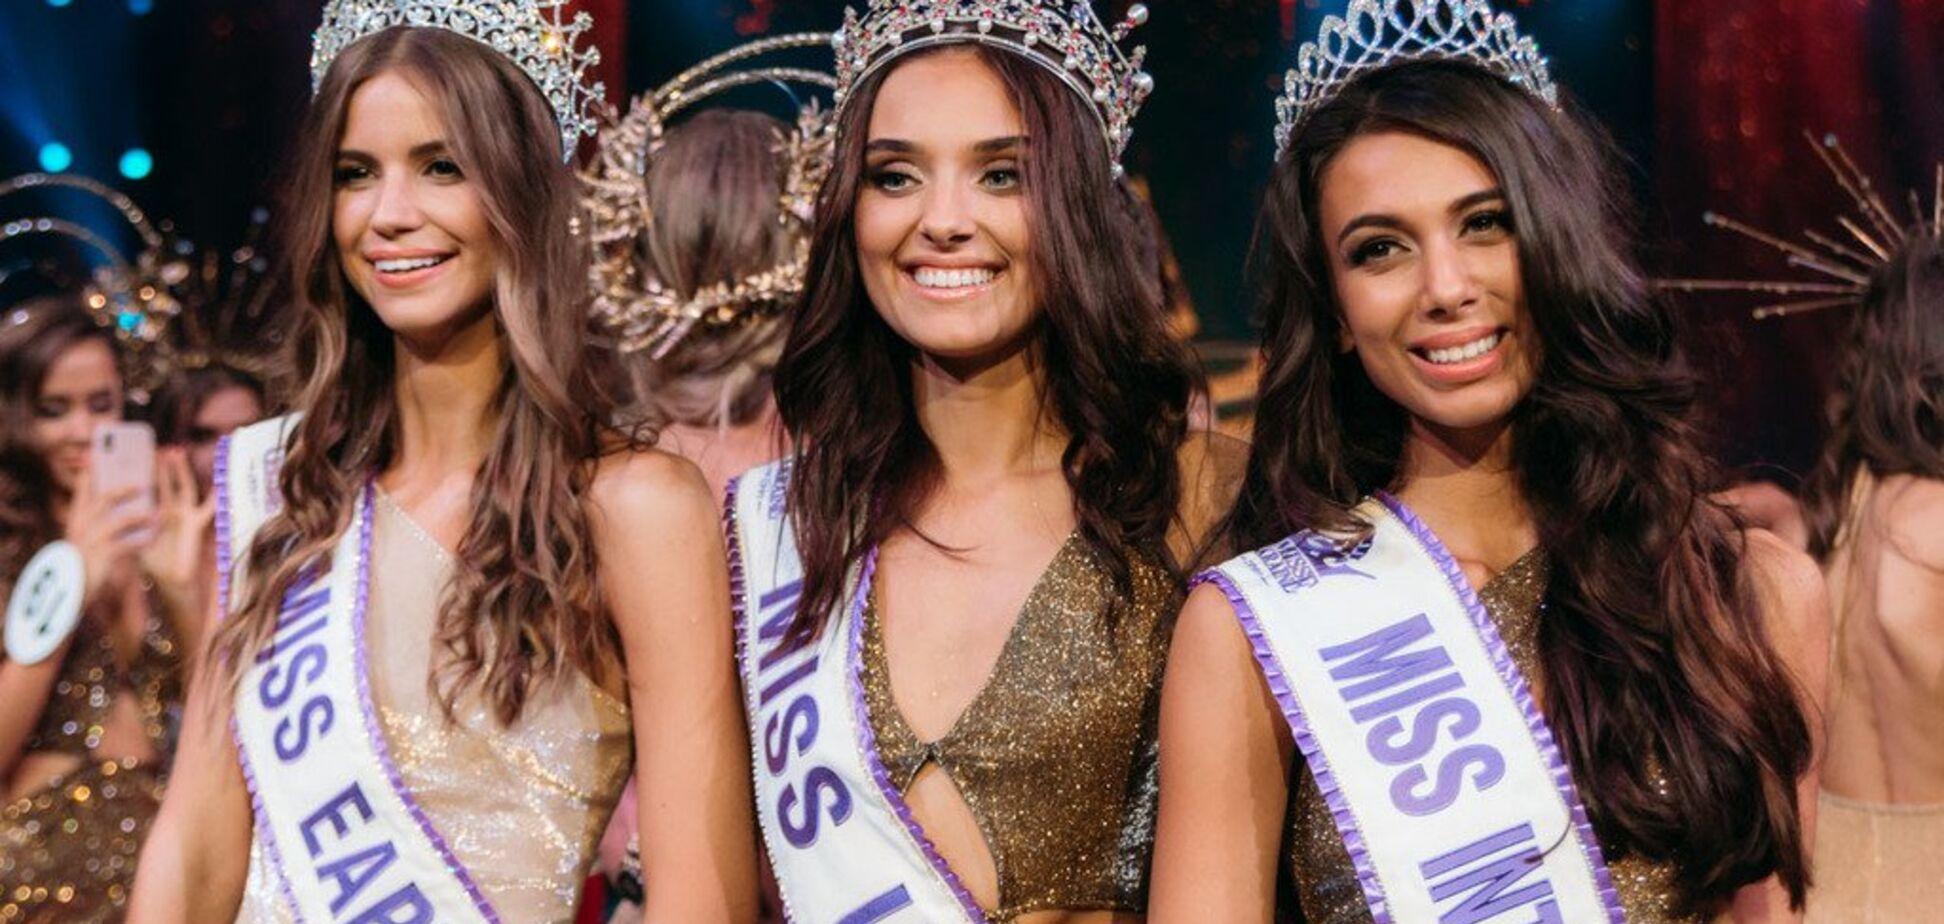 'Міс Україна-2018' втратила свій титул: подробиці скандалу